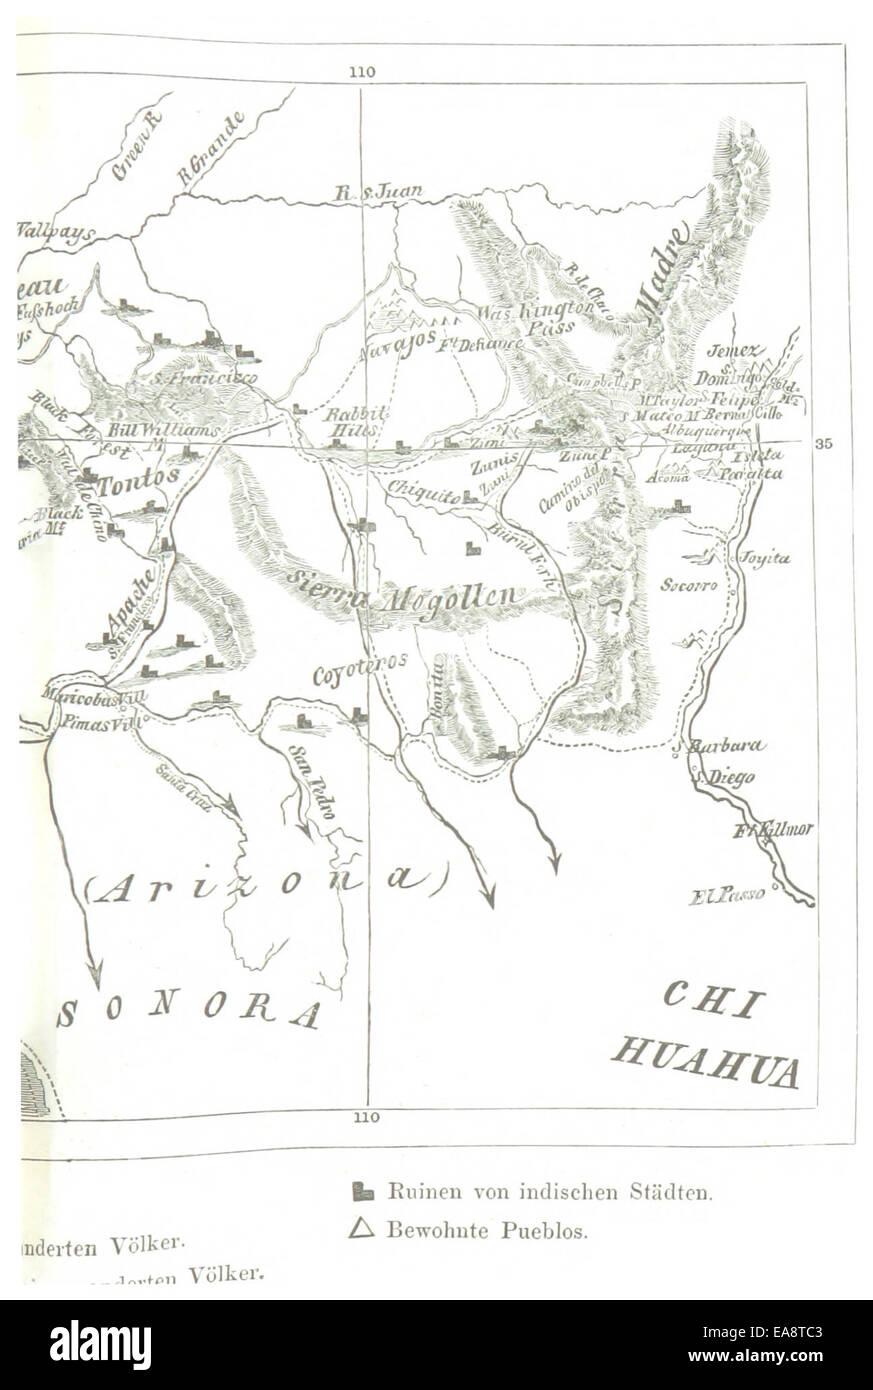 Colorado Karte.Vintage Colorado Map Stock Photos Vintage Colorado Map Stock